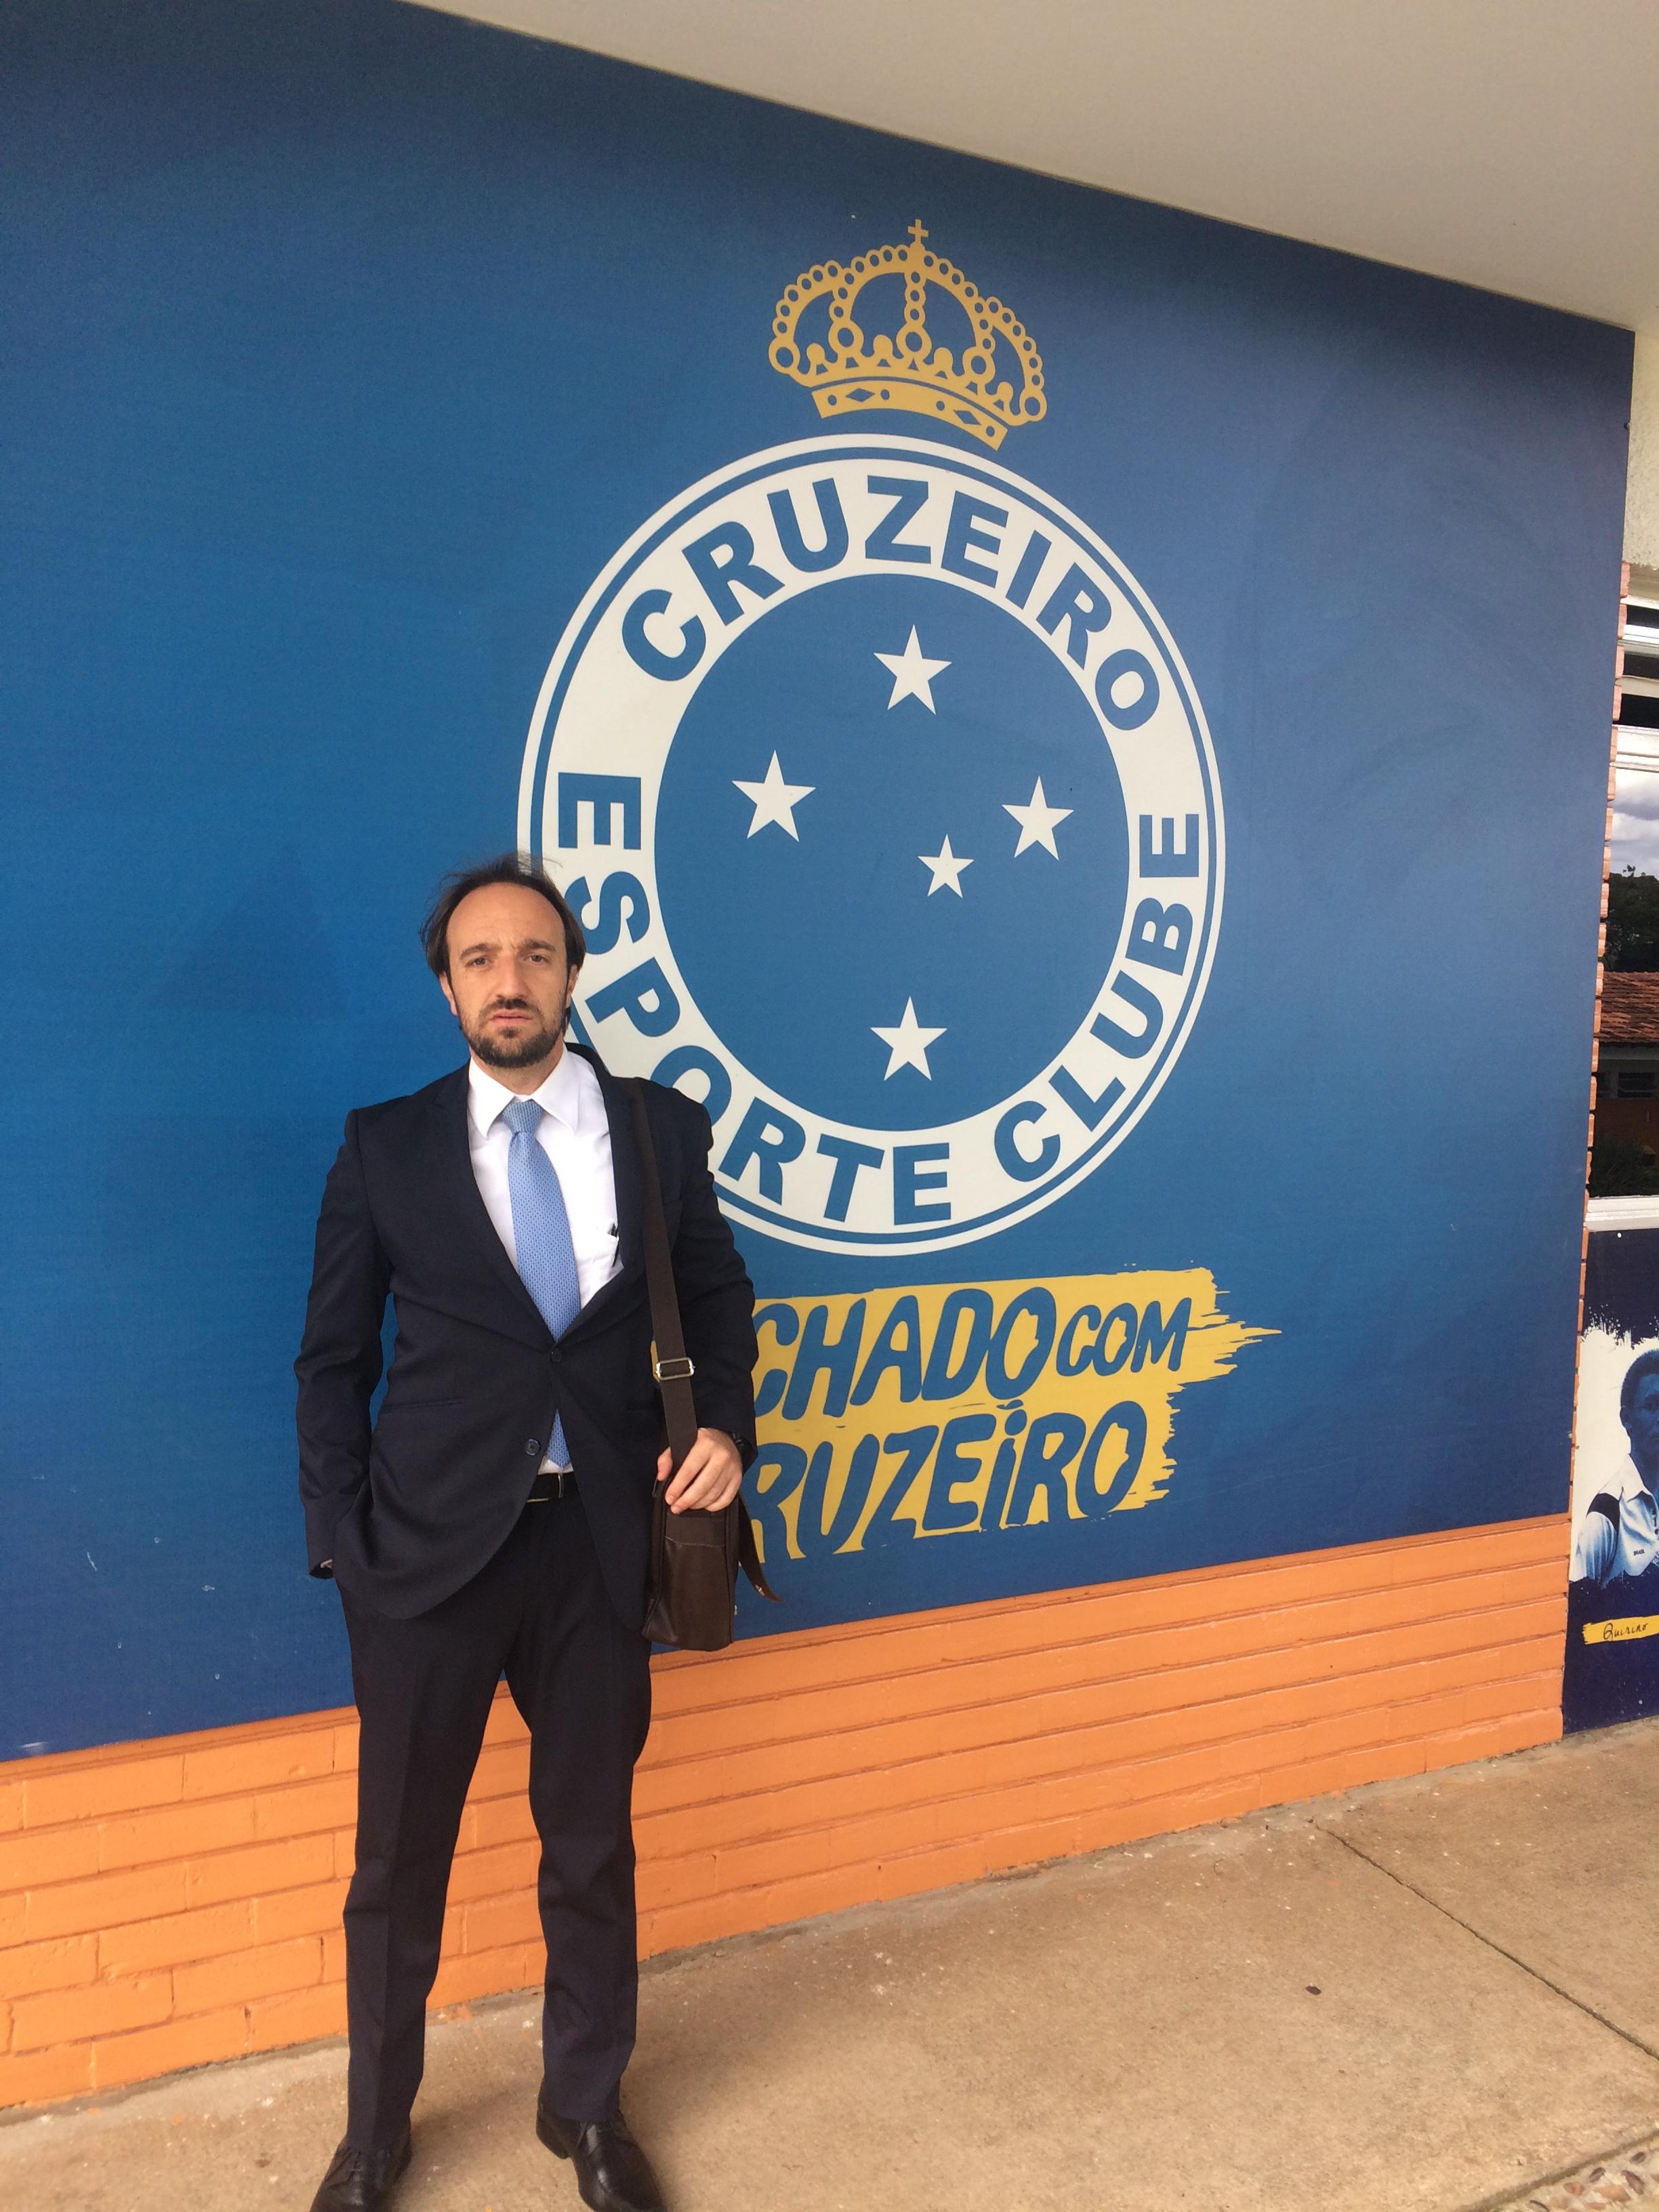 CRUZEIRO ESPORTE CLUBE